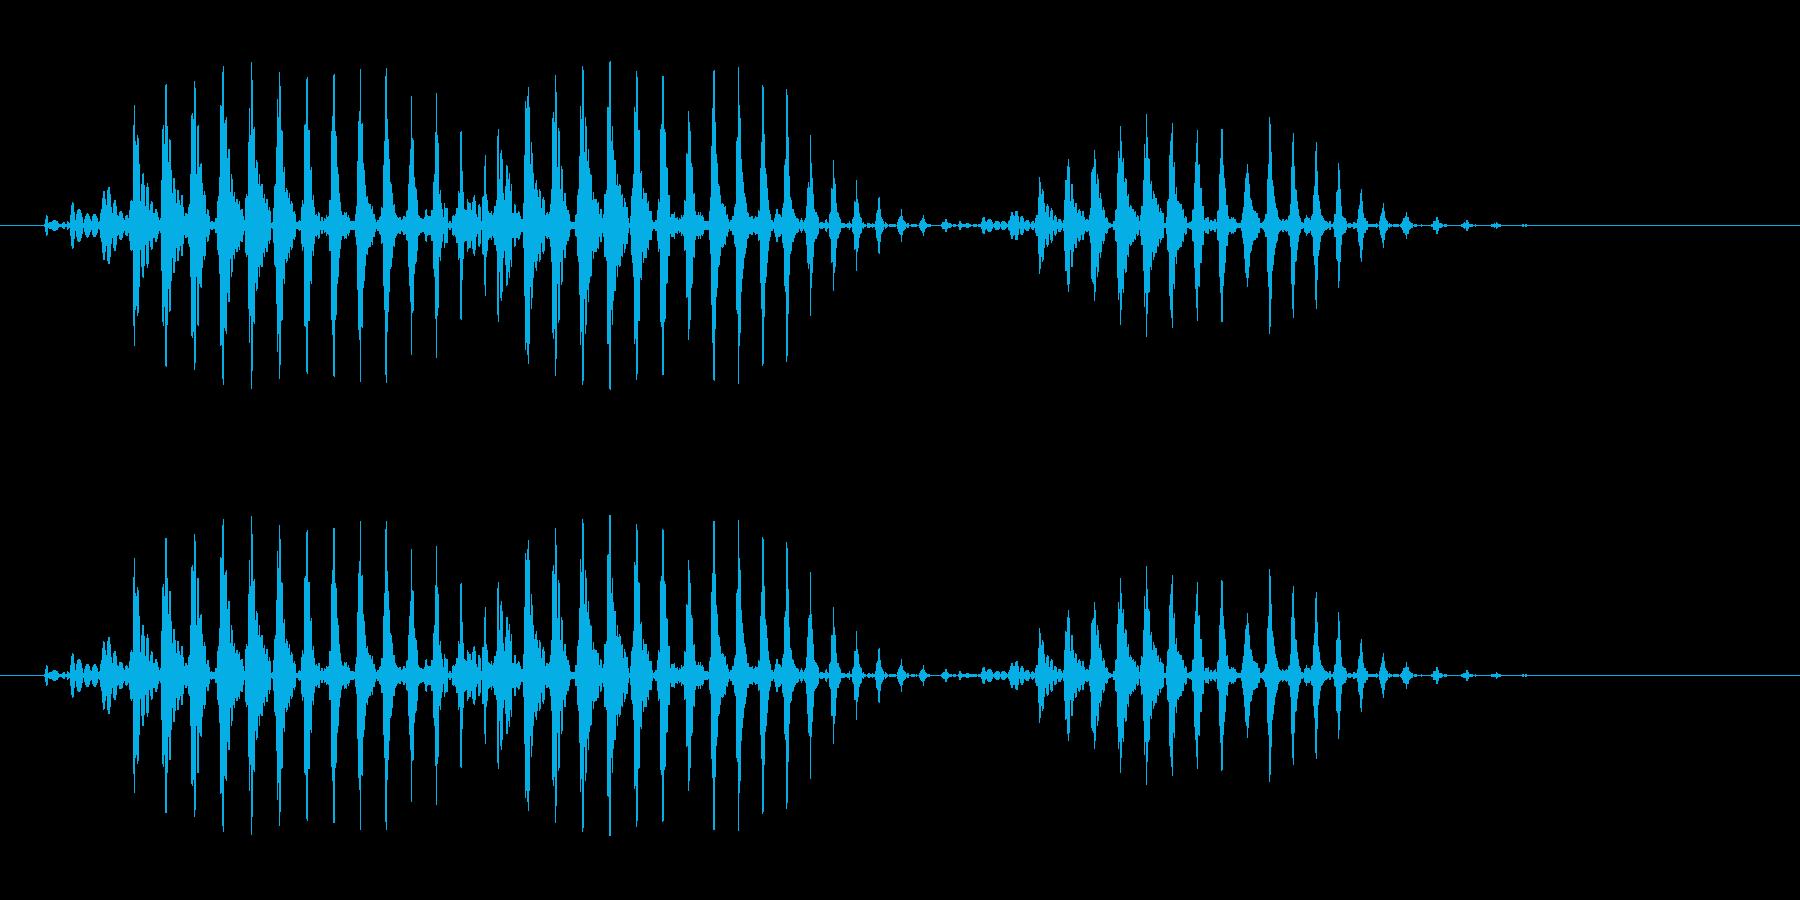 ブワワ(シンプルな単音の効果音)の再生済みの波形